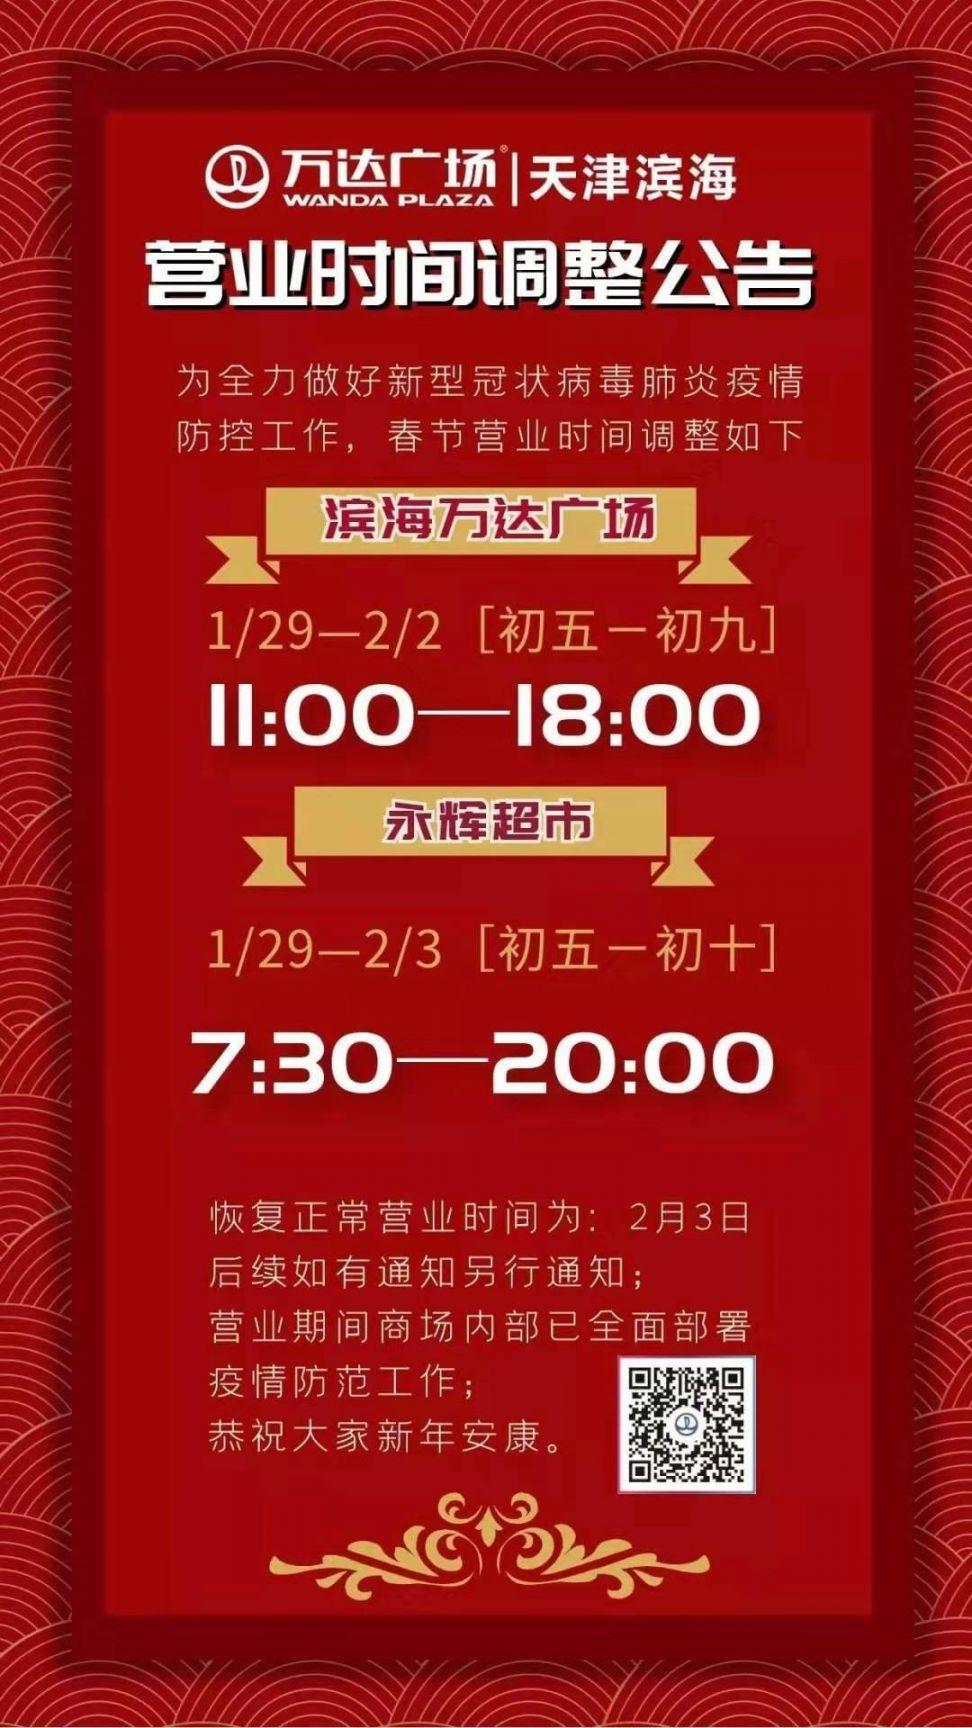 天津市滨海新区商场营业时间(疫情期间)